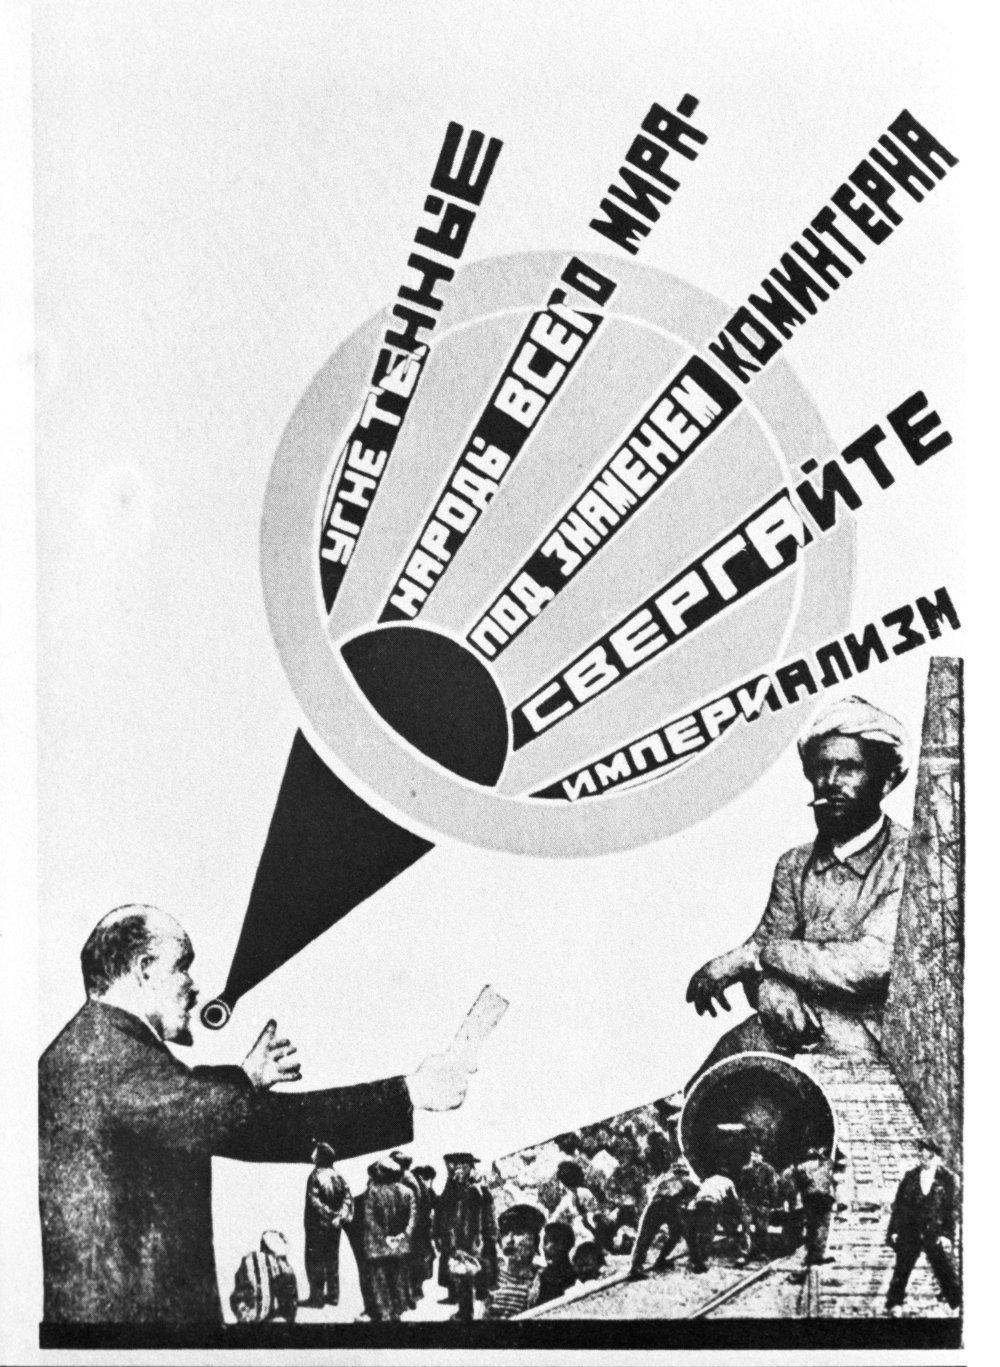 Коминтерн (вся власть советам!) | альтернативная история | fandom